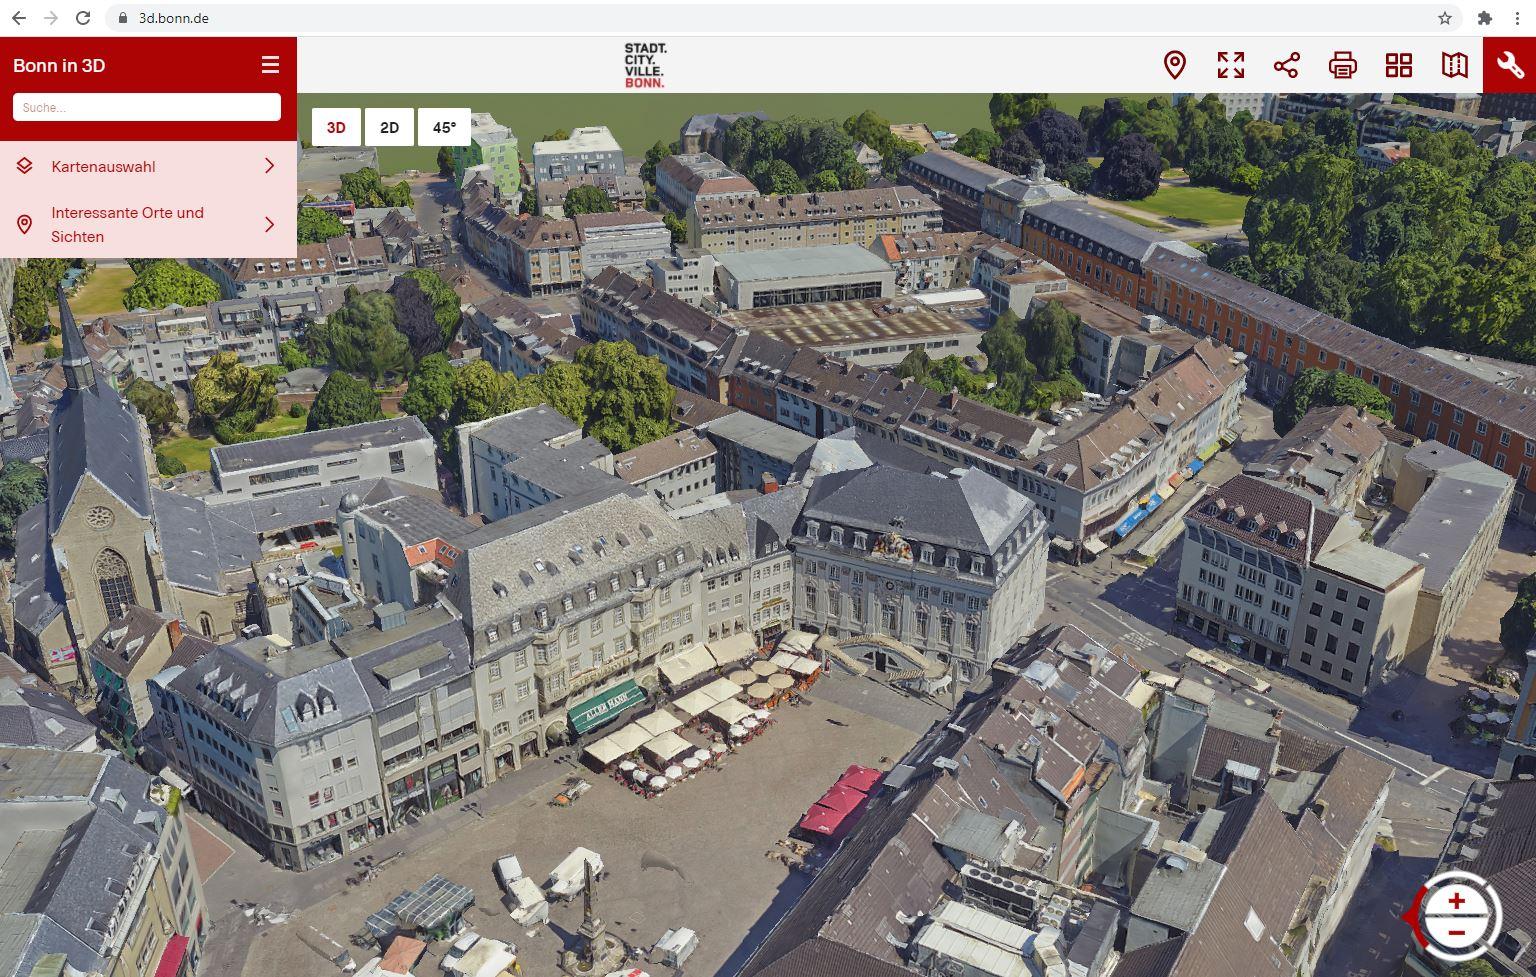 """""""Bonn in 3D"""": Digitales Stadtmodell ist realisiert"""